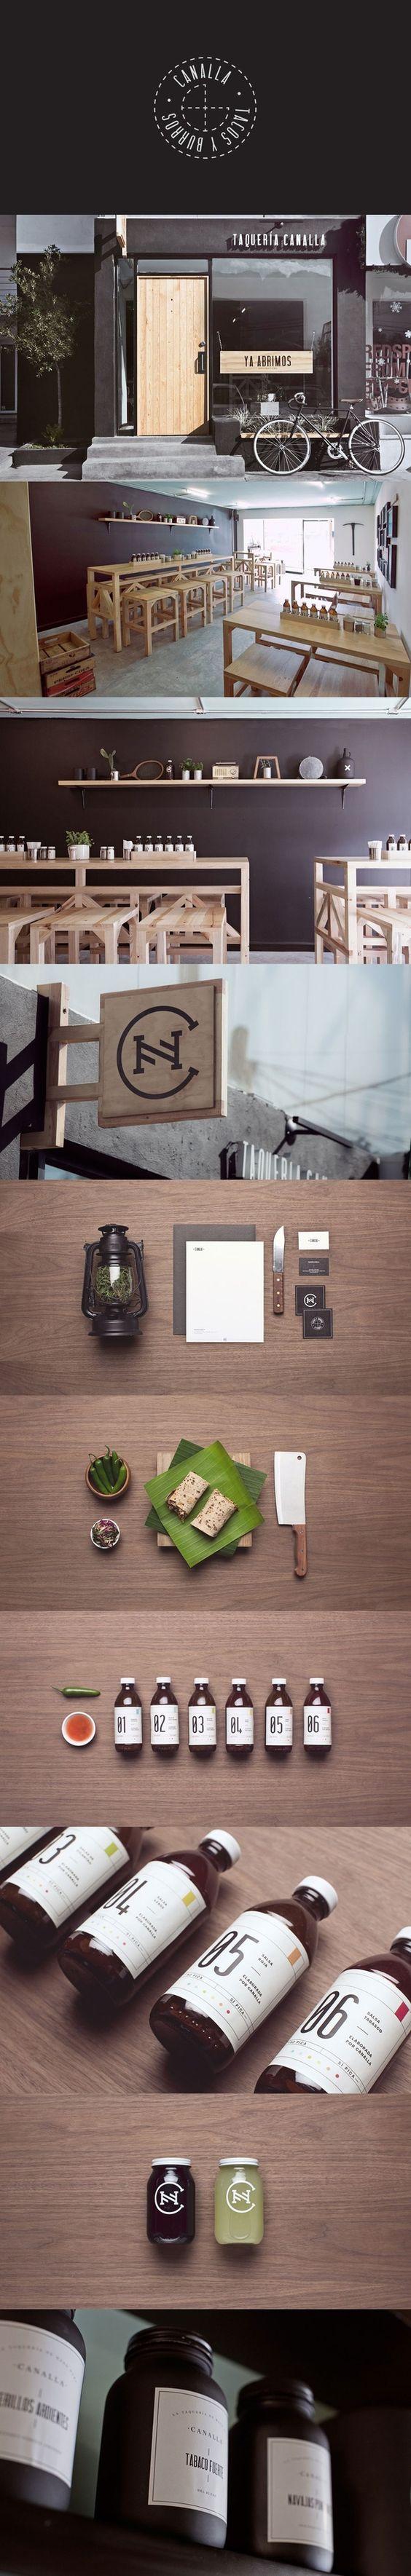 #diseño del espacio para Canalla: tapas y burritos, kitchen crush, utilización de la madera para hacerlo más acogedor